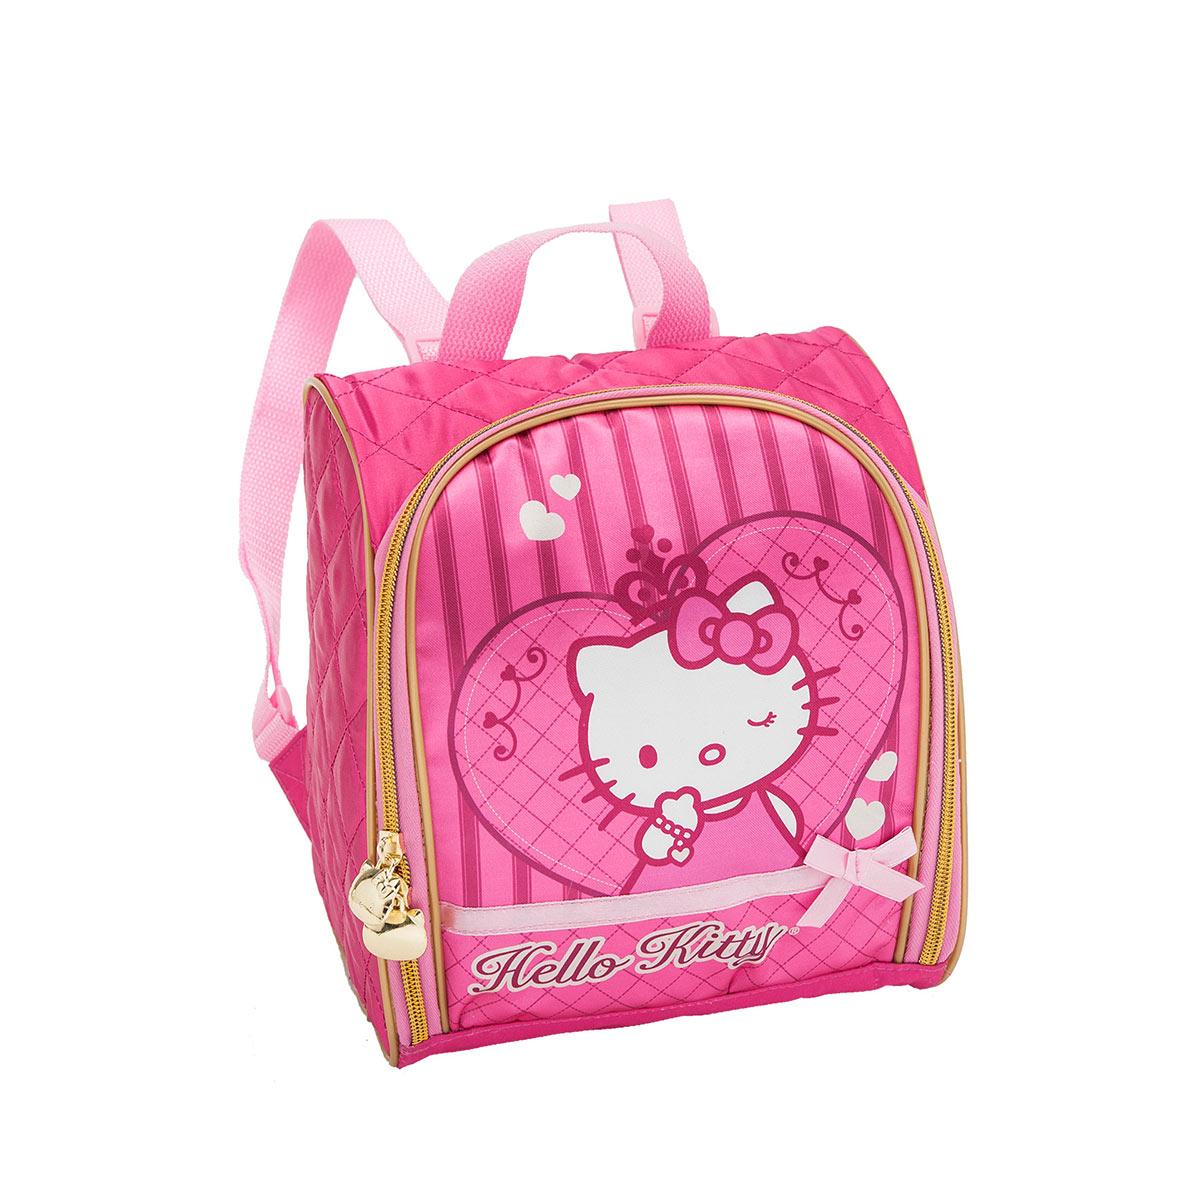 Lancheira Hello Kitty Precious 924K09